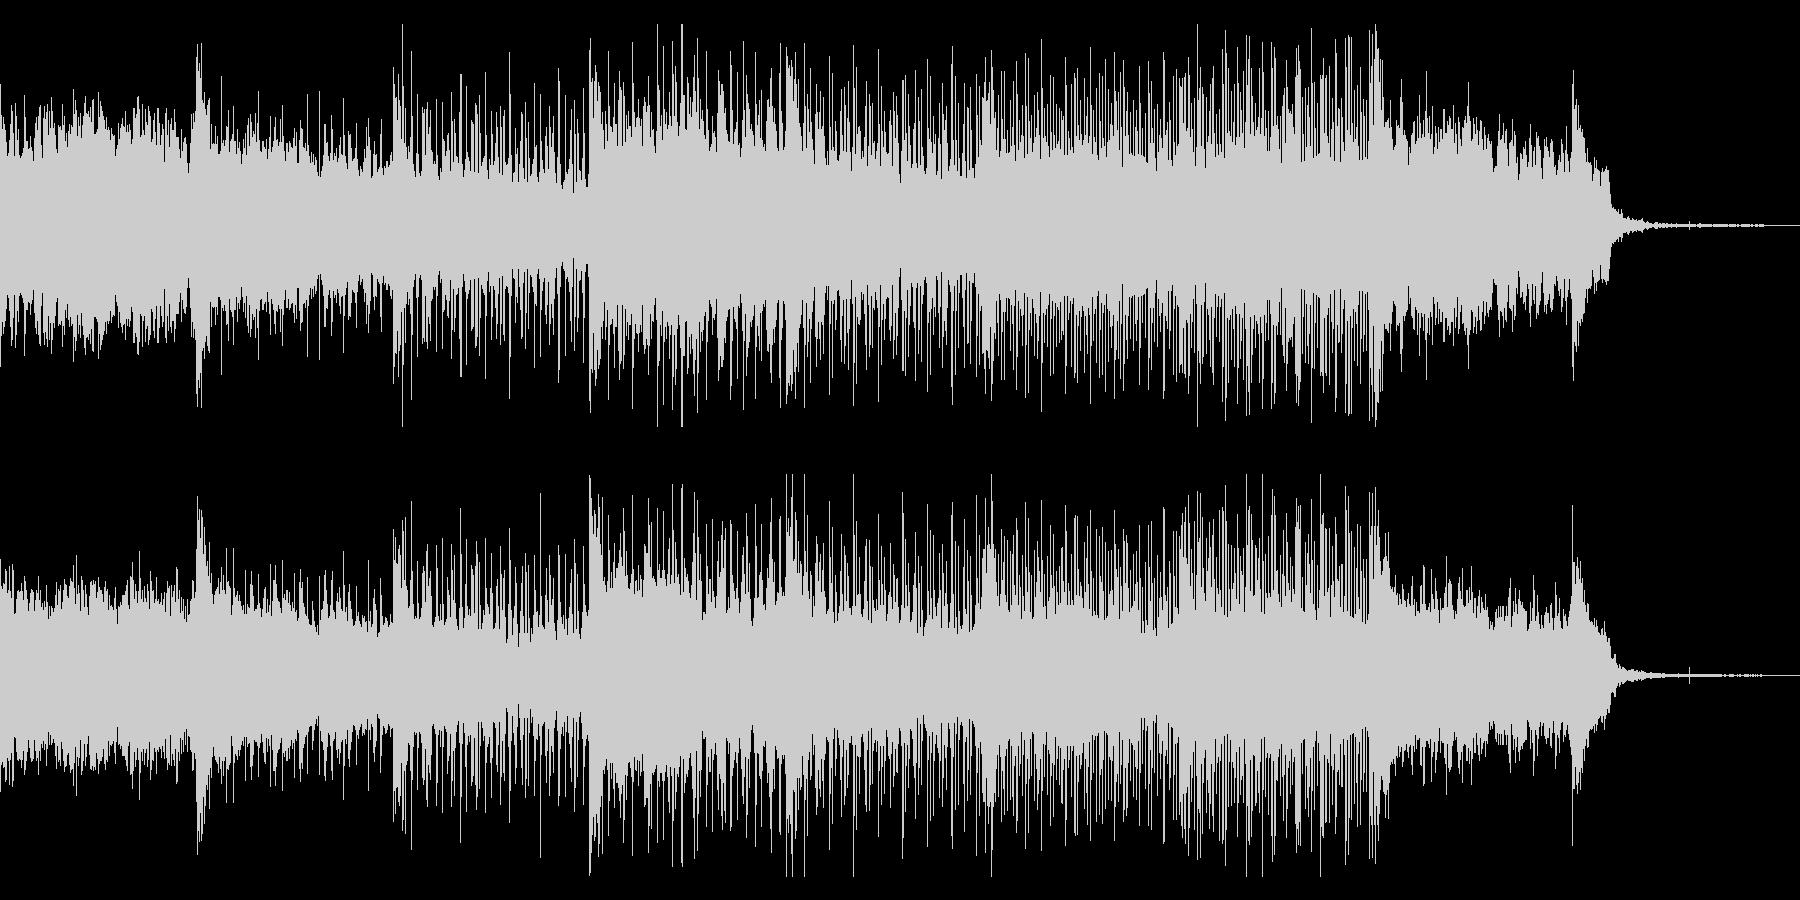 ダークで奇妙なグリッチアンビエントの未再生の波形